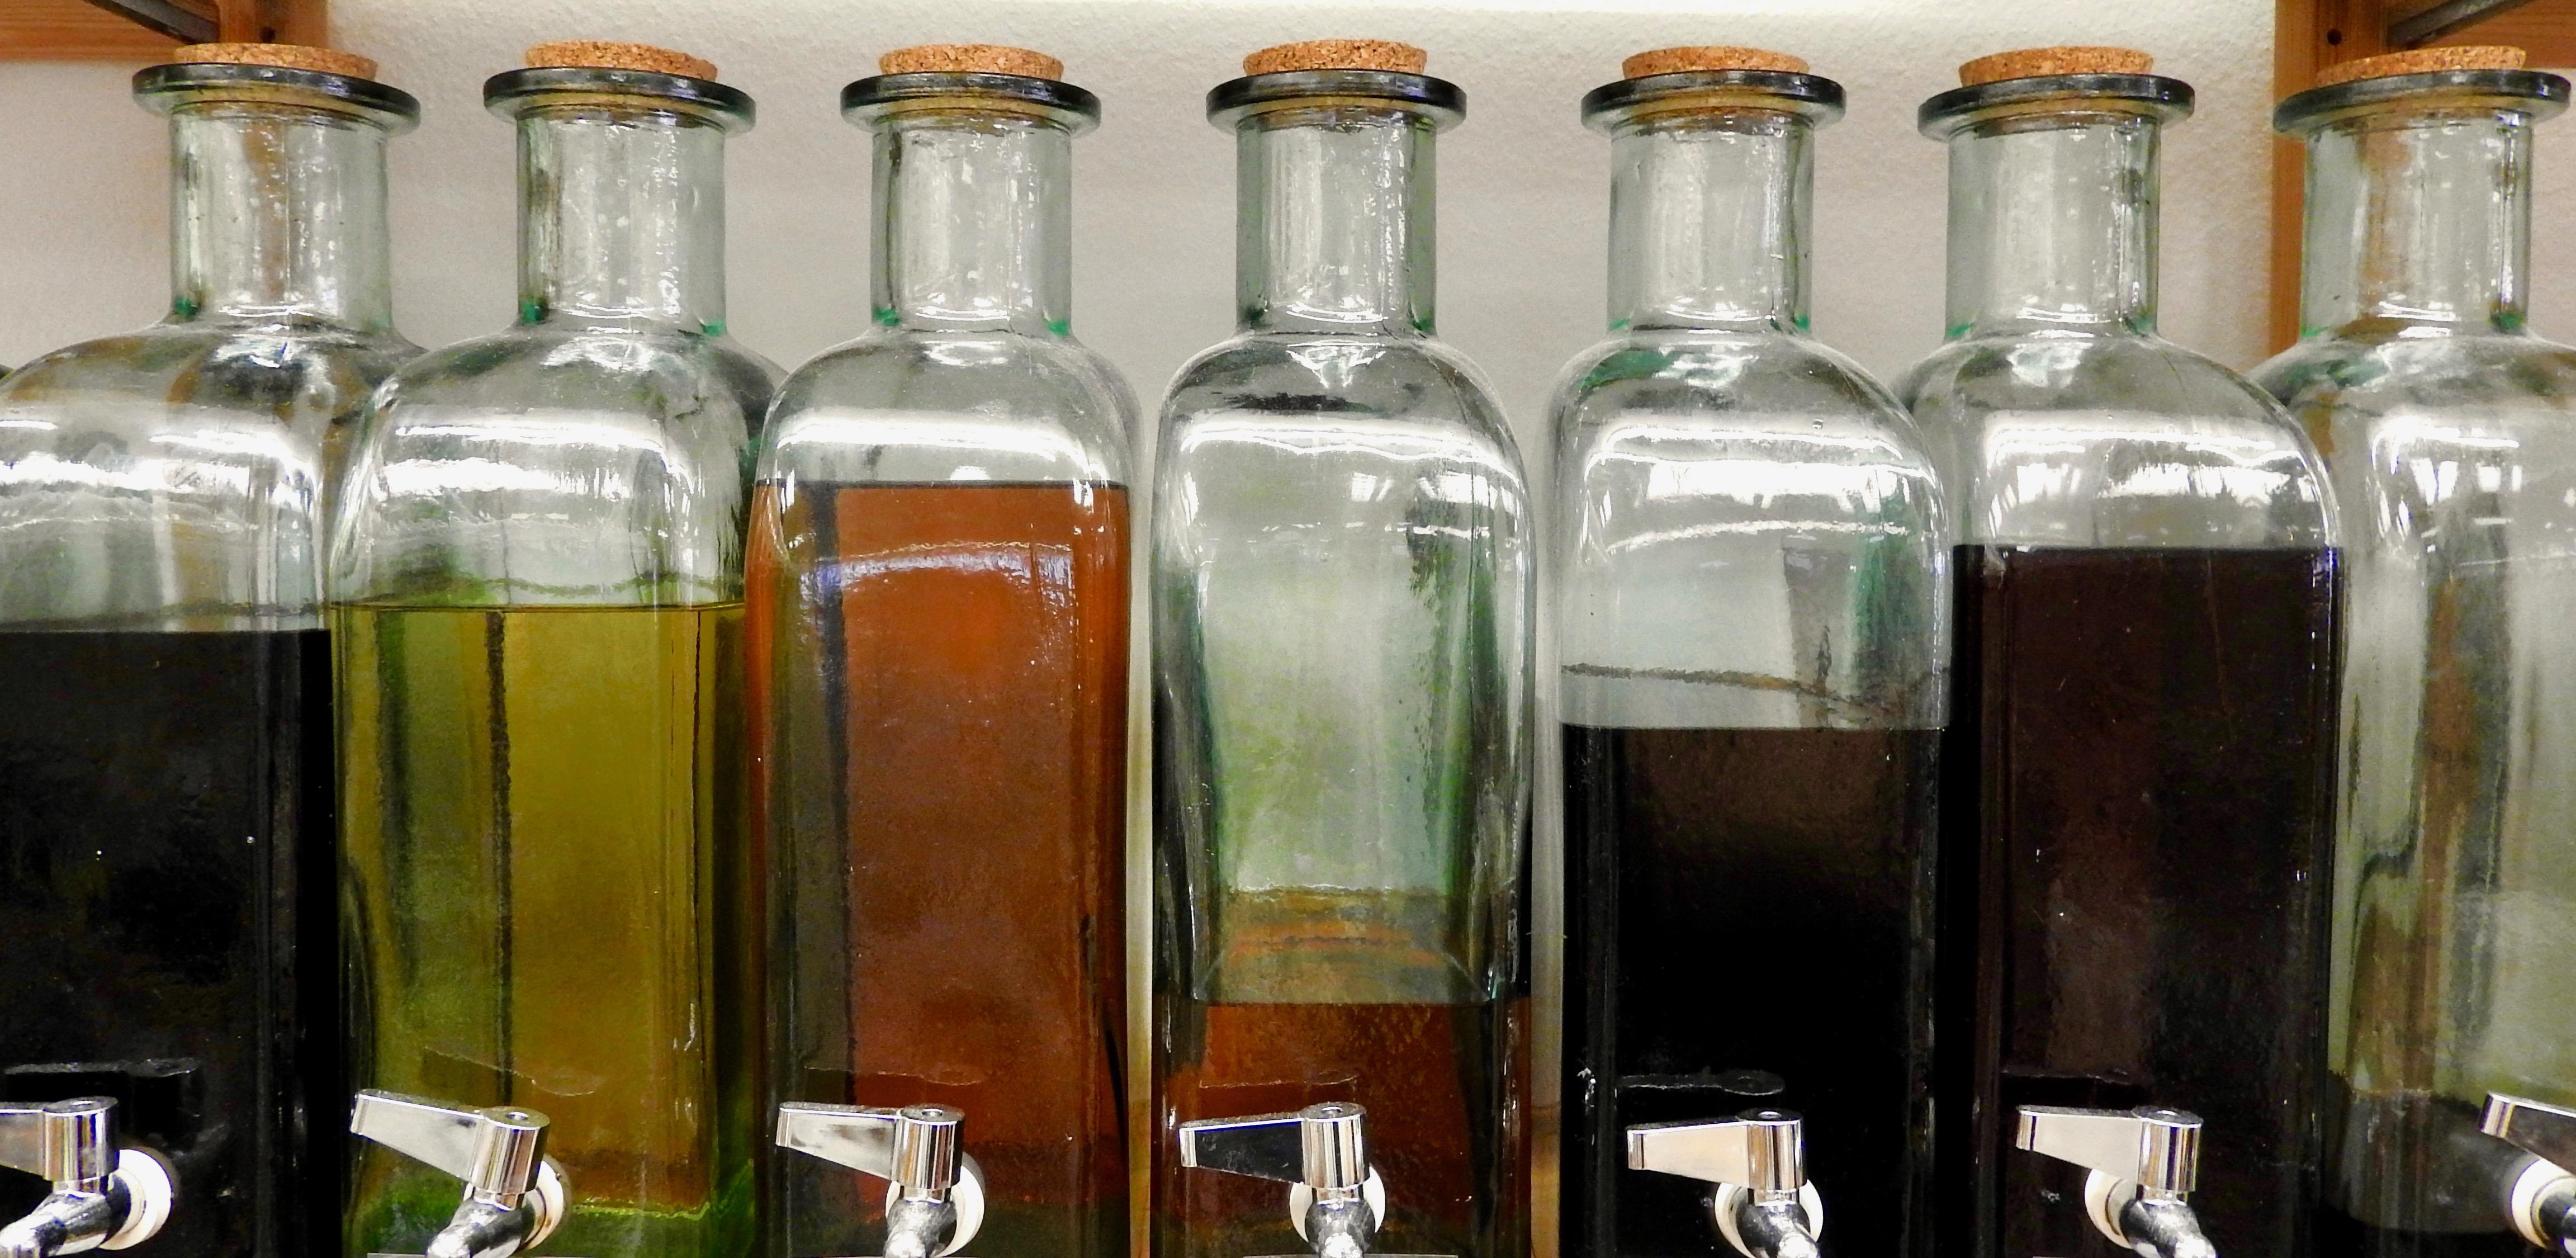 Essig & Öl im Flaschengeist